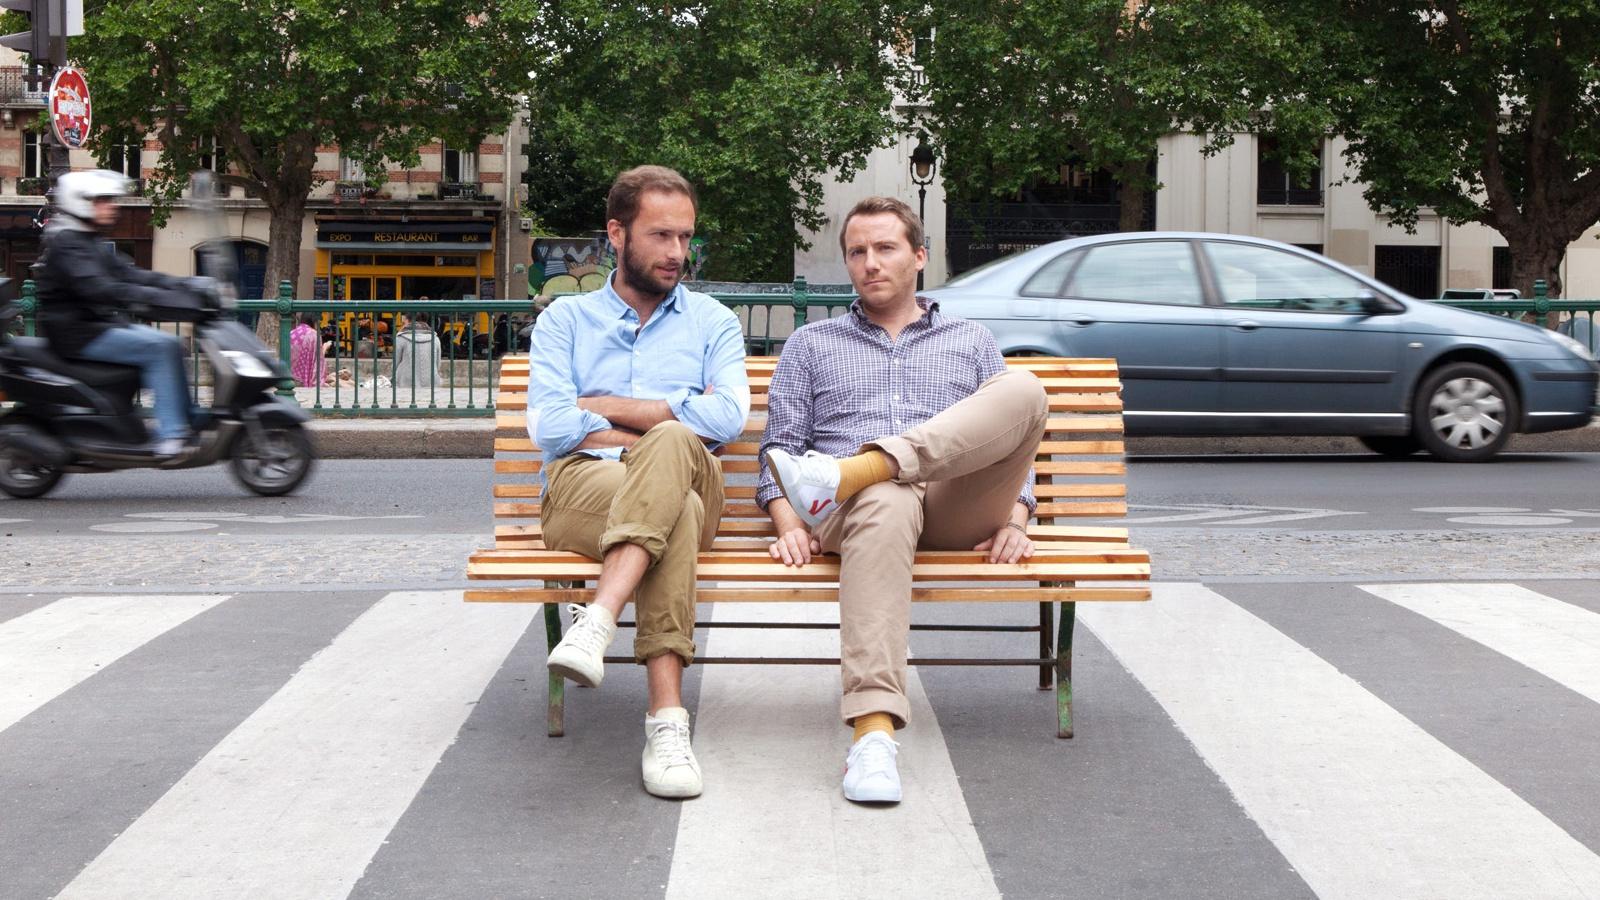 Veja's founders, Sébastien Kopp and François-Ghislain Morillion